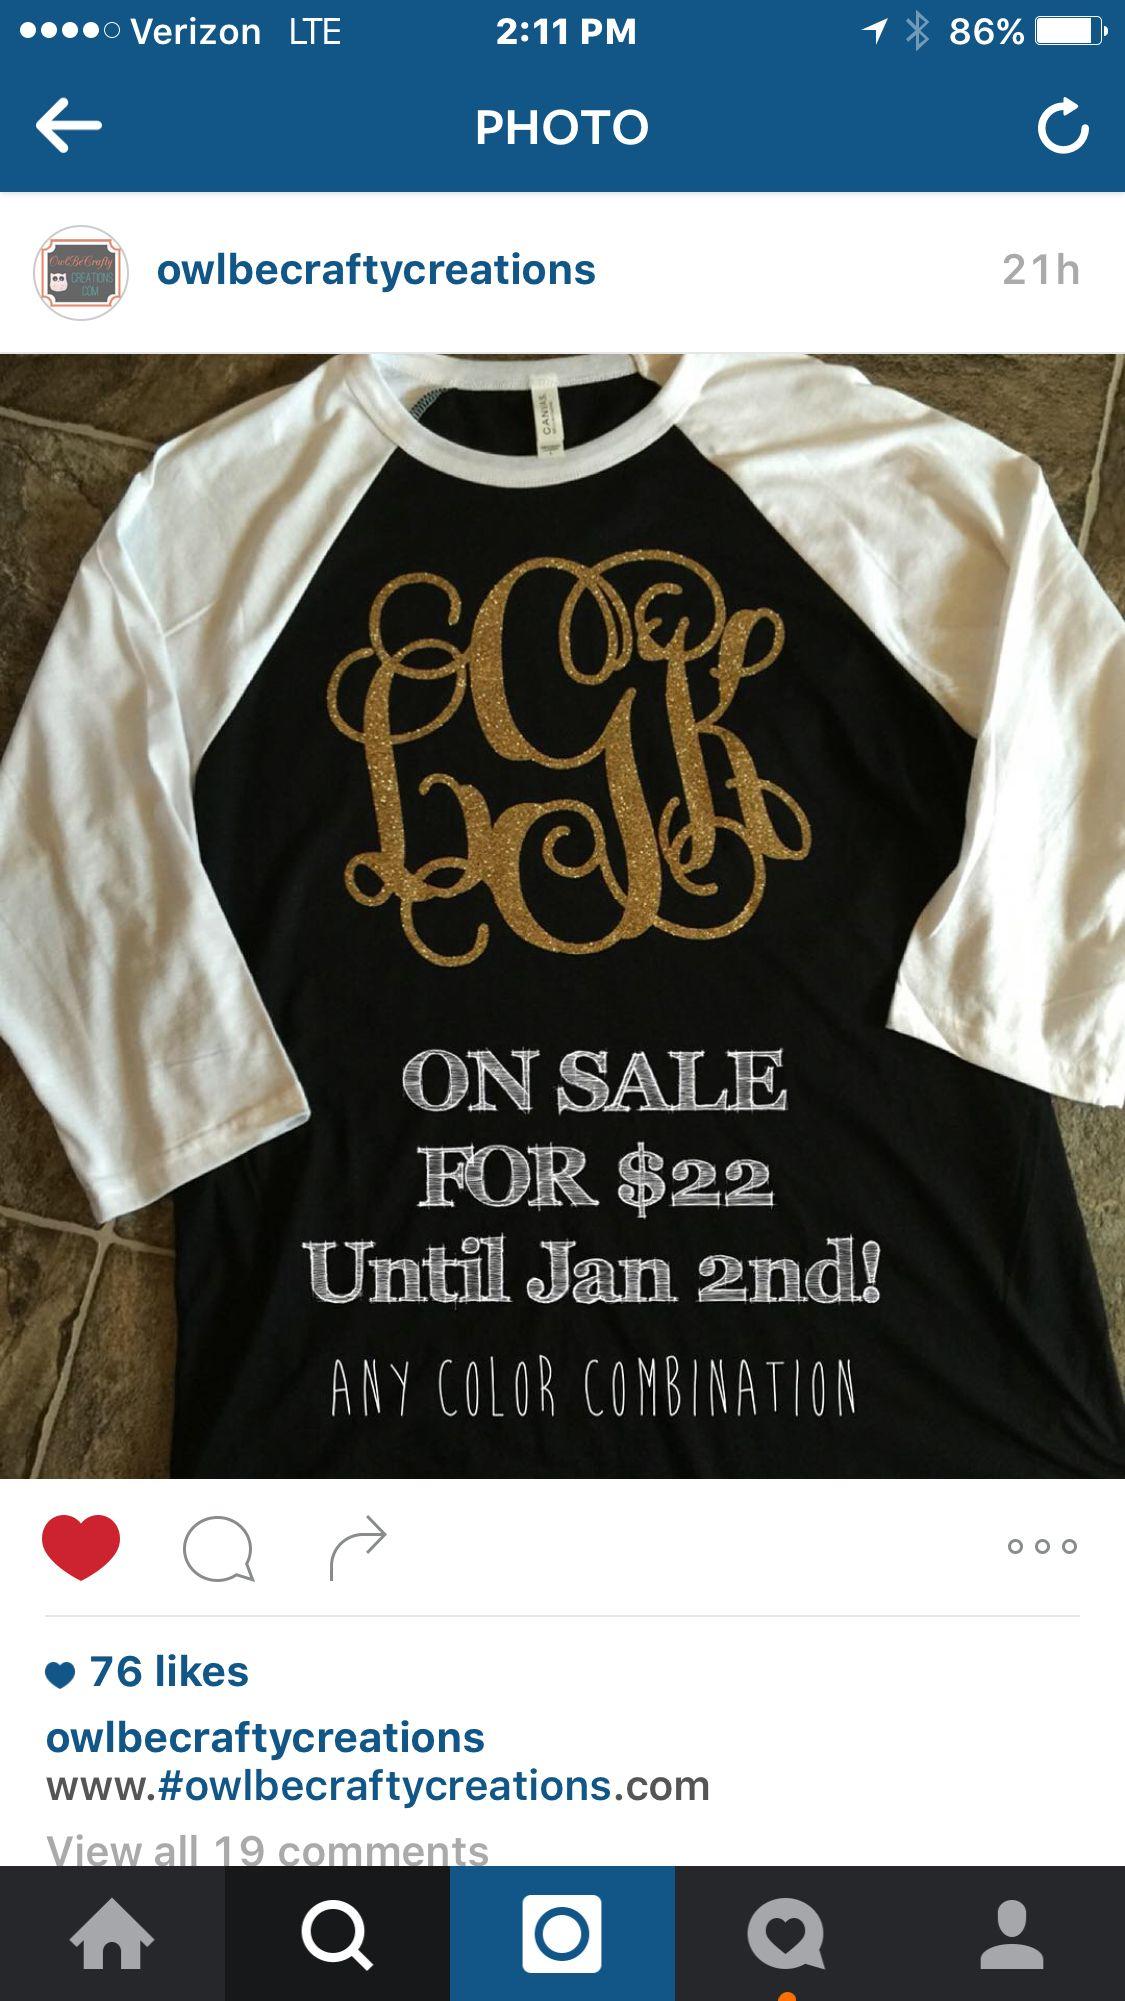 On sale till 1/2/16